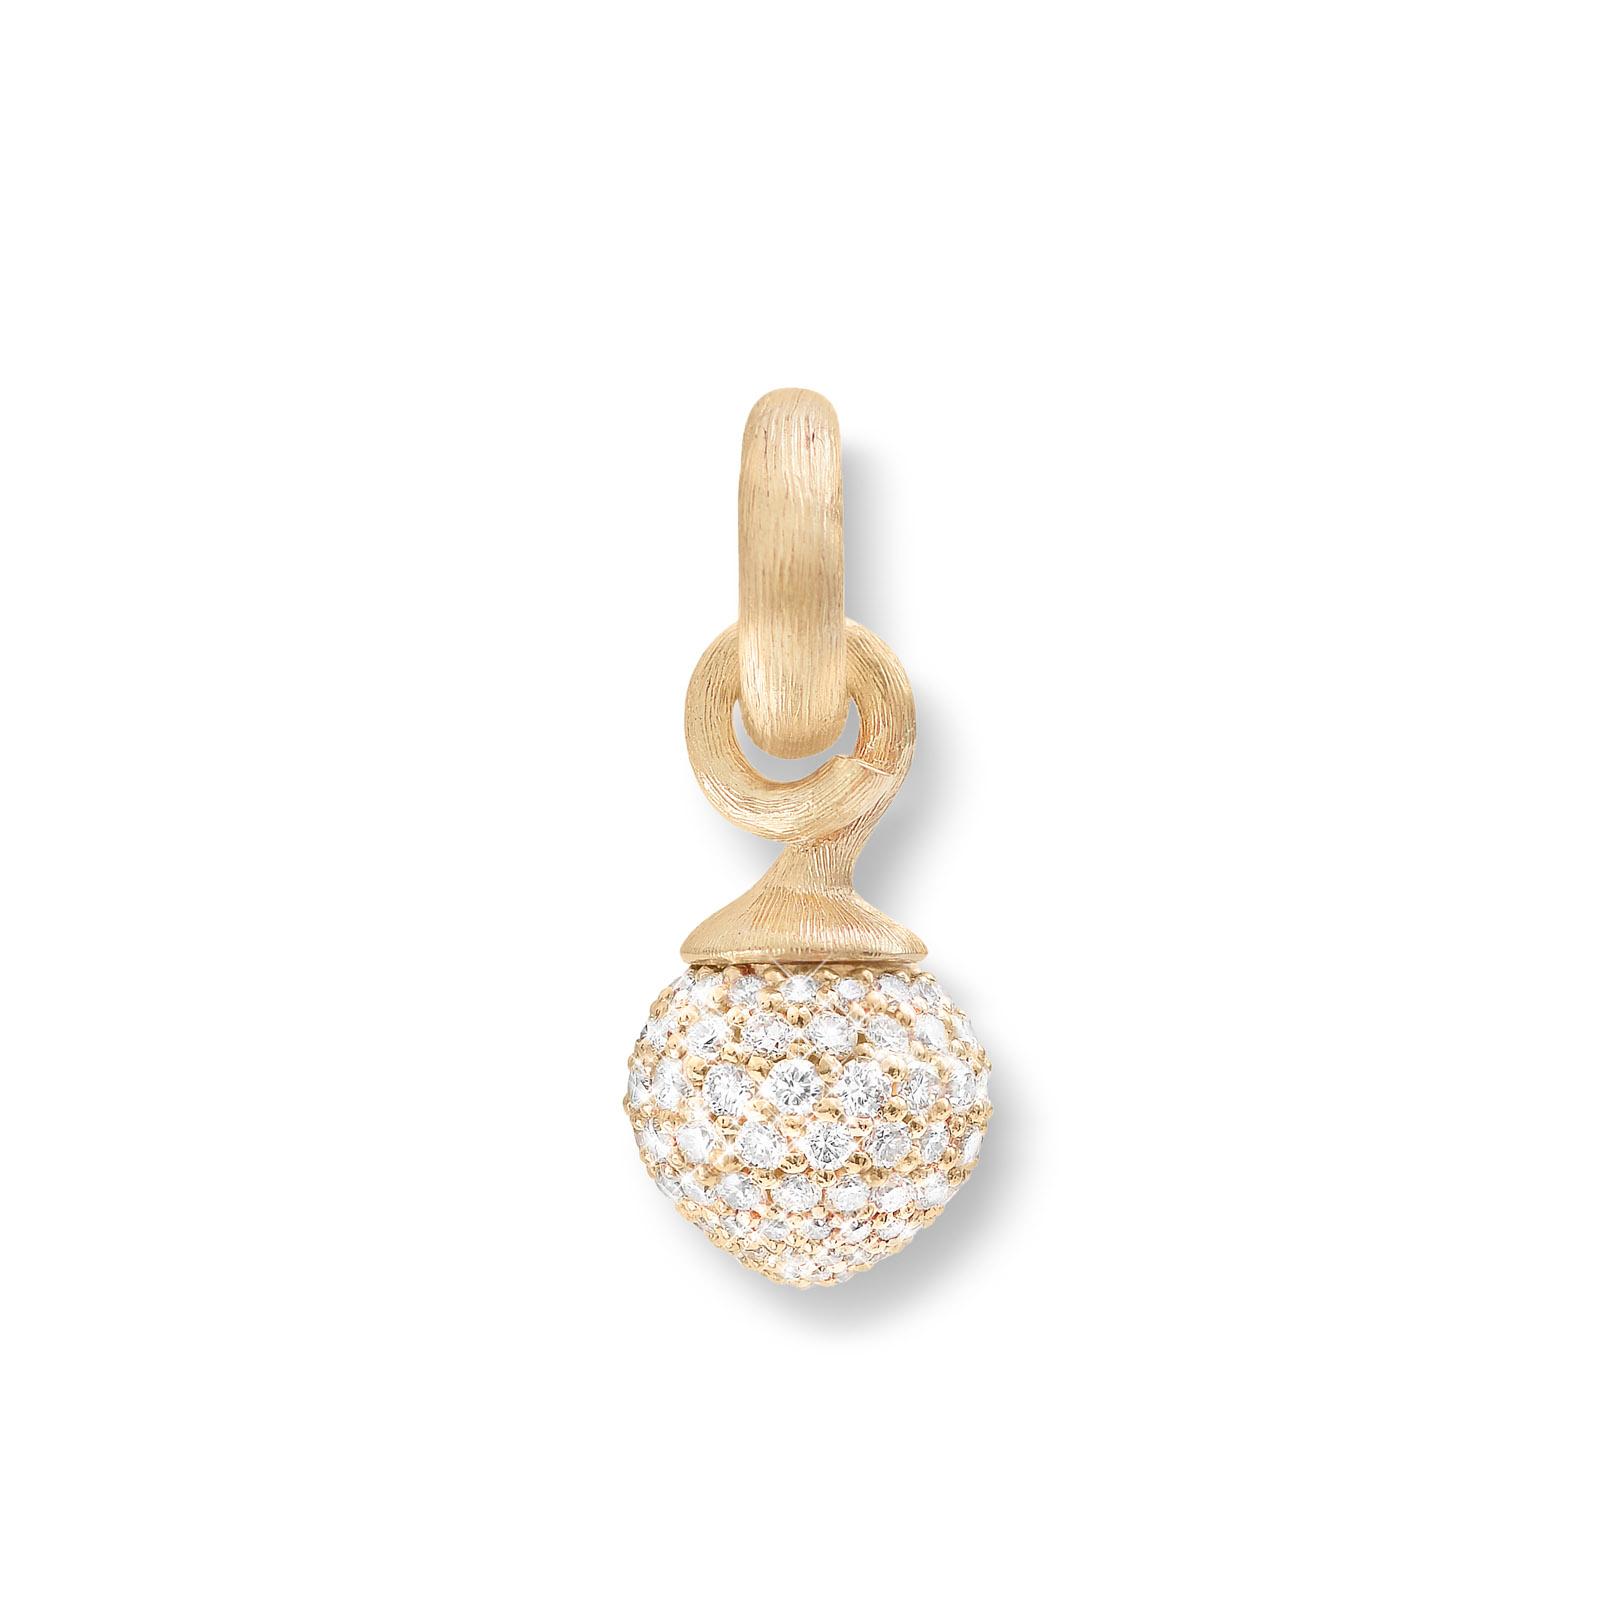 Mestergull Charm liten Sweet Drops i 18kt. gult gull og rosé gull pavé med 115 diamanter totalt 0,68 ct. TwVs LYNGGAARD Sweet Drops Charm